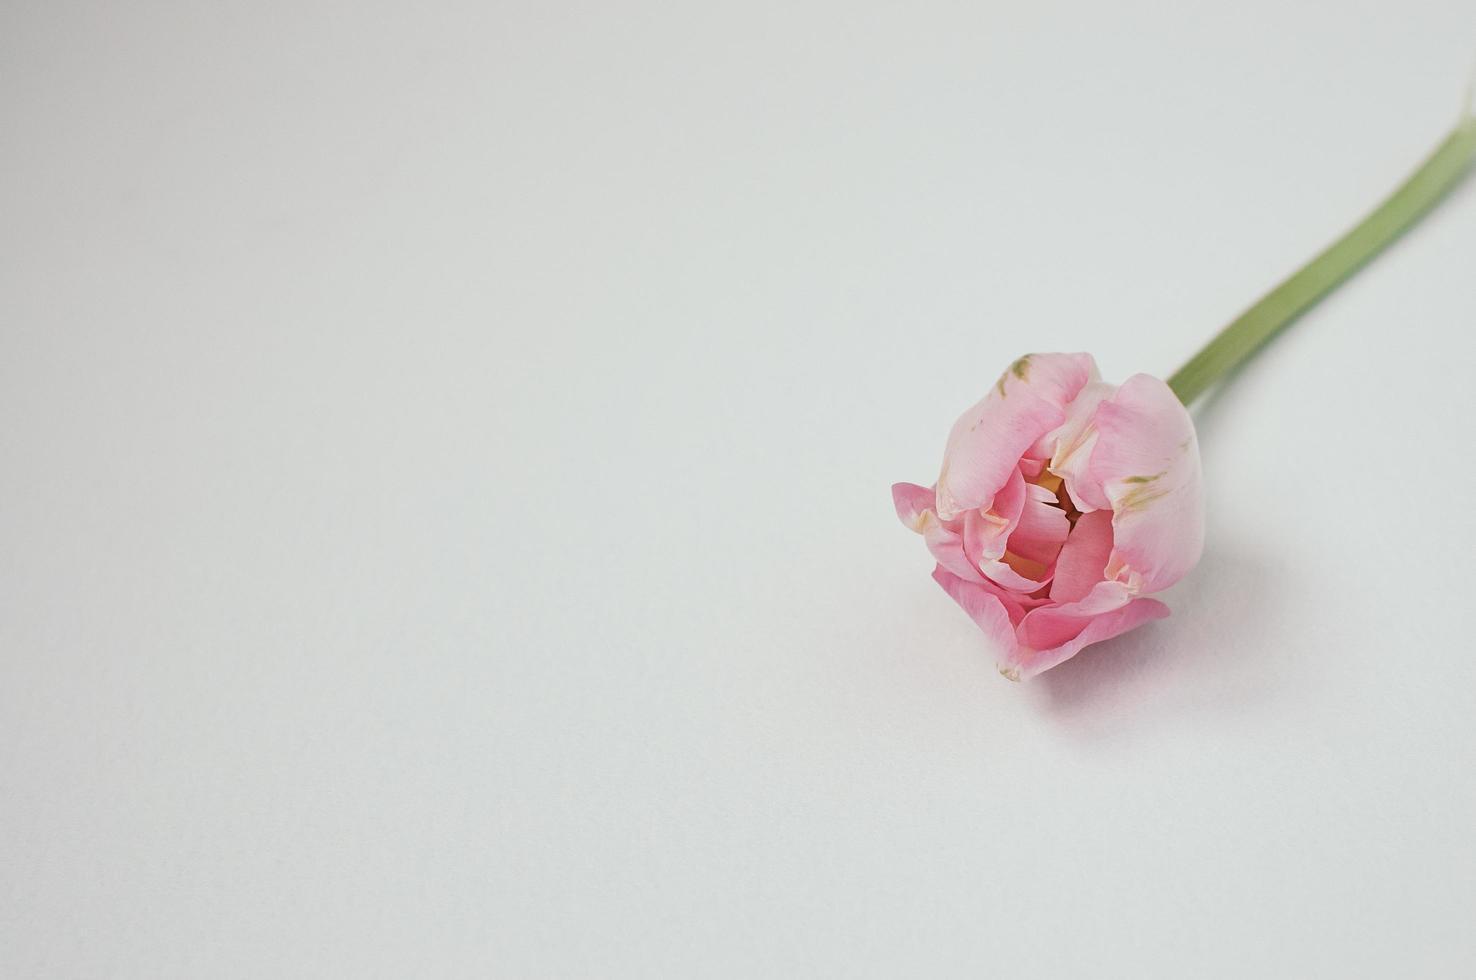 närbild av rosa enda tulpan på vit bakgrund, copyspace foto